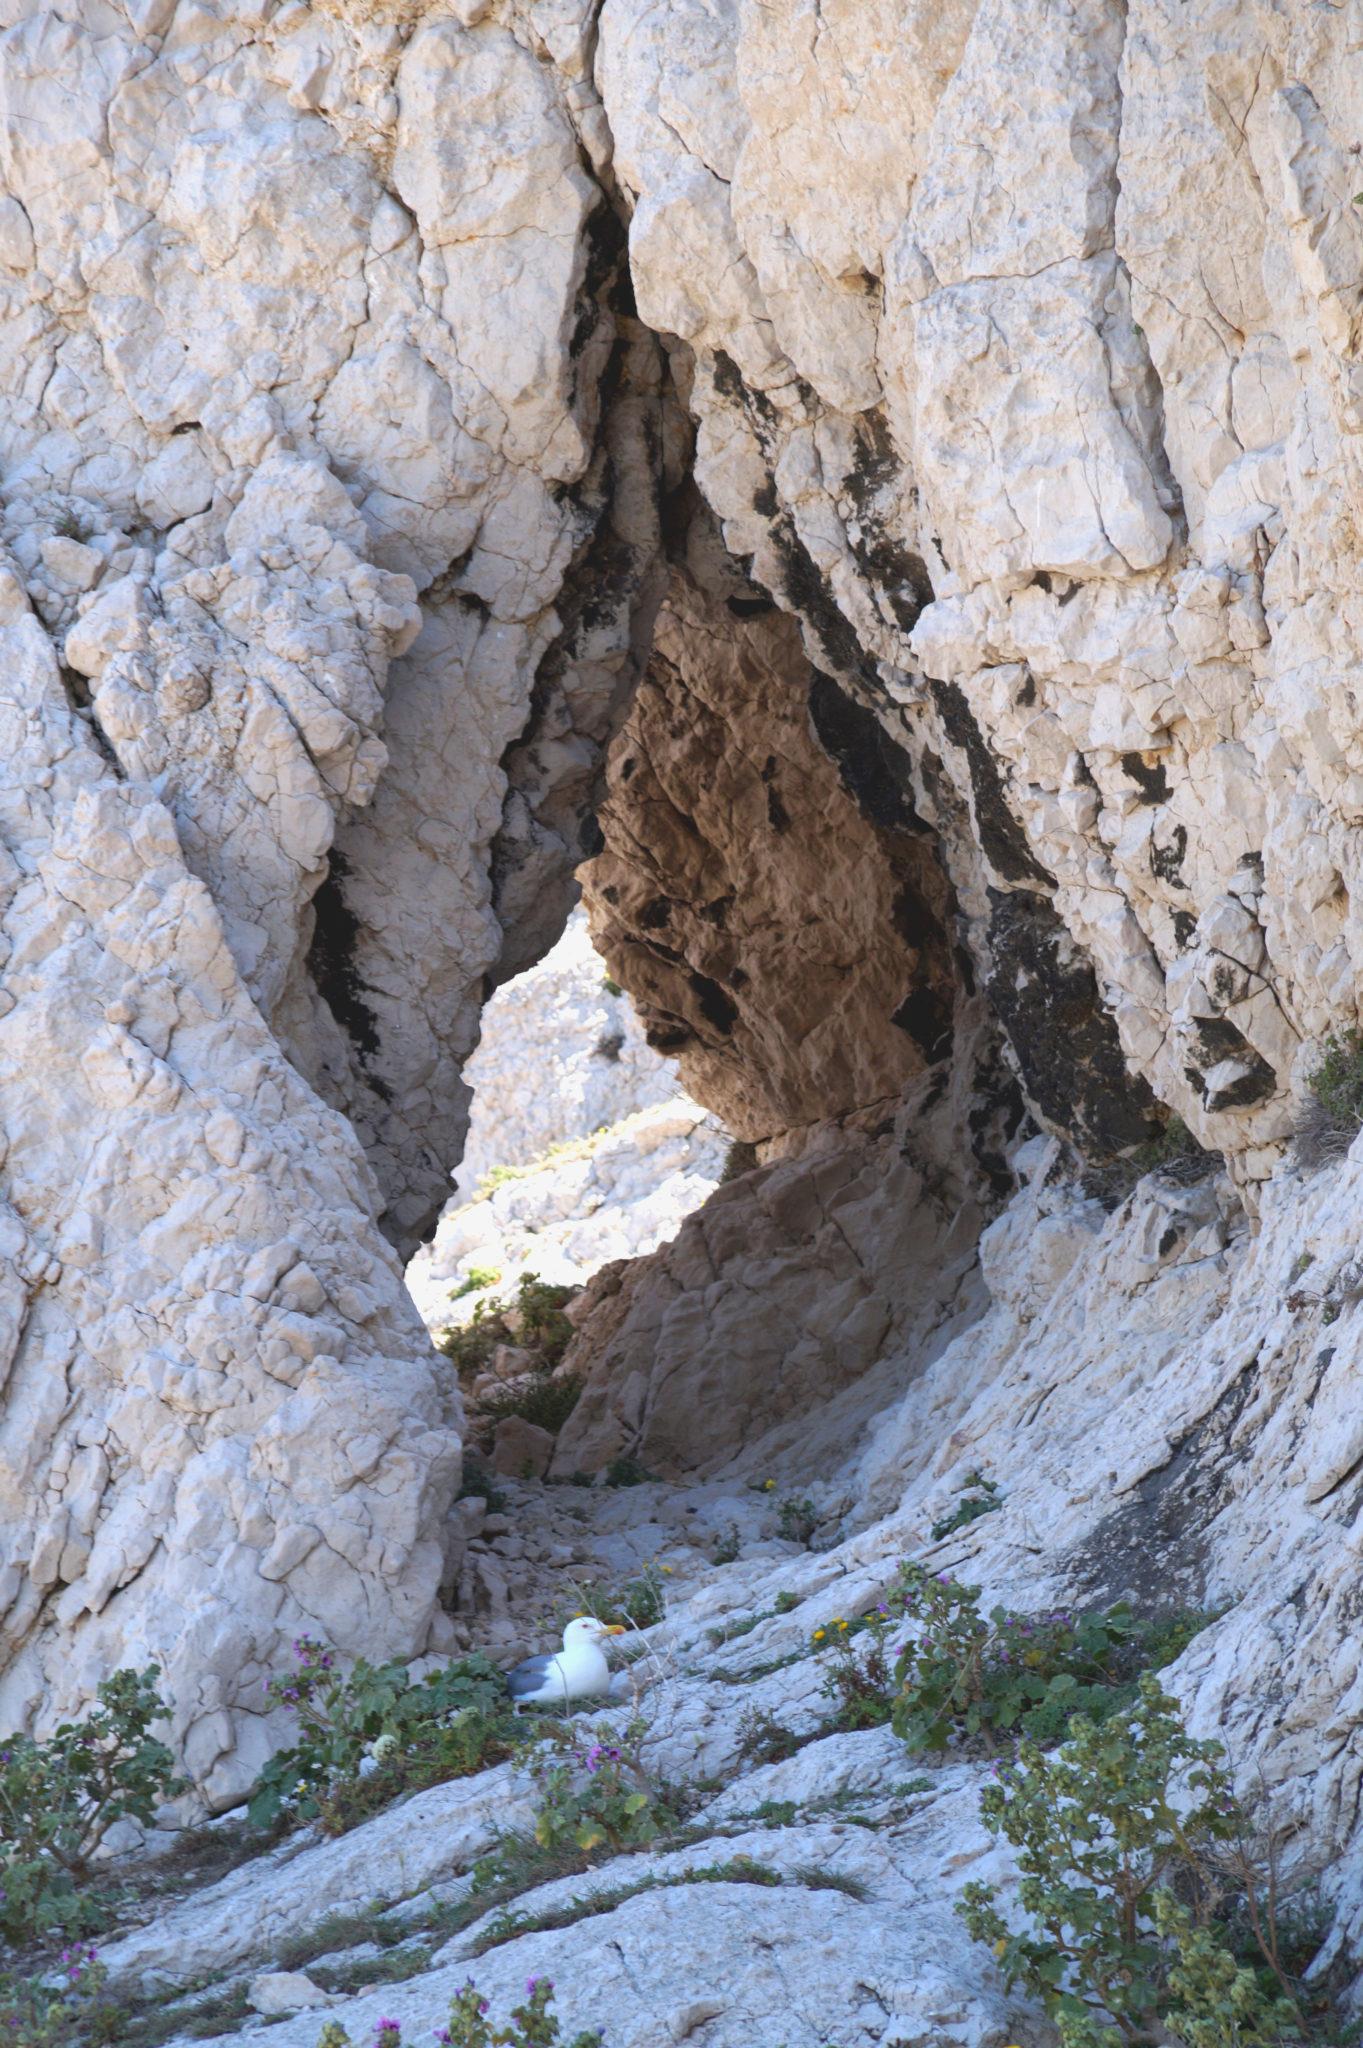 Hema_pose_ses_valises_Marseille_Iles_Frioul_Ratonneau_Grotte